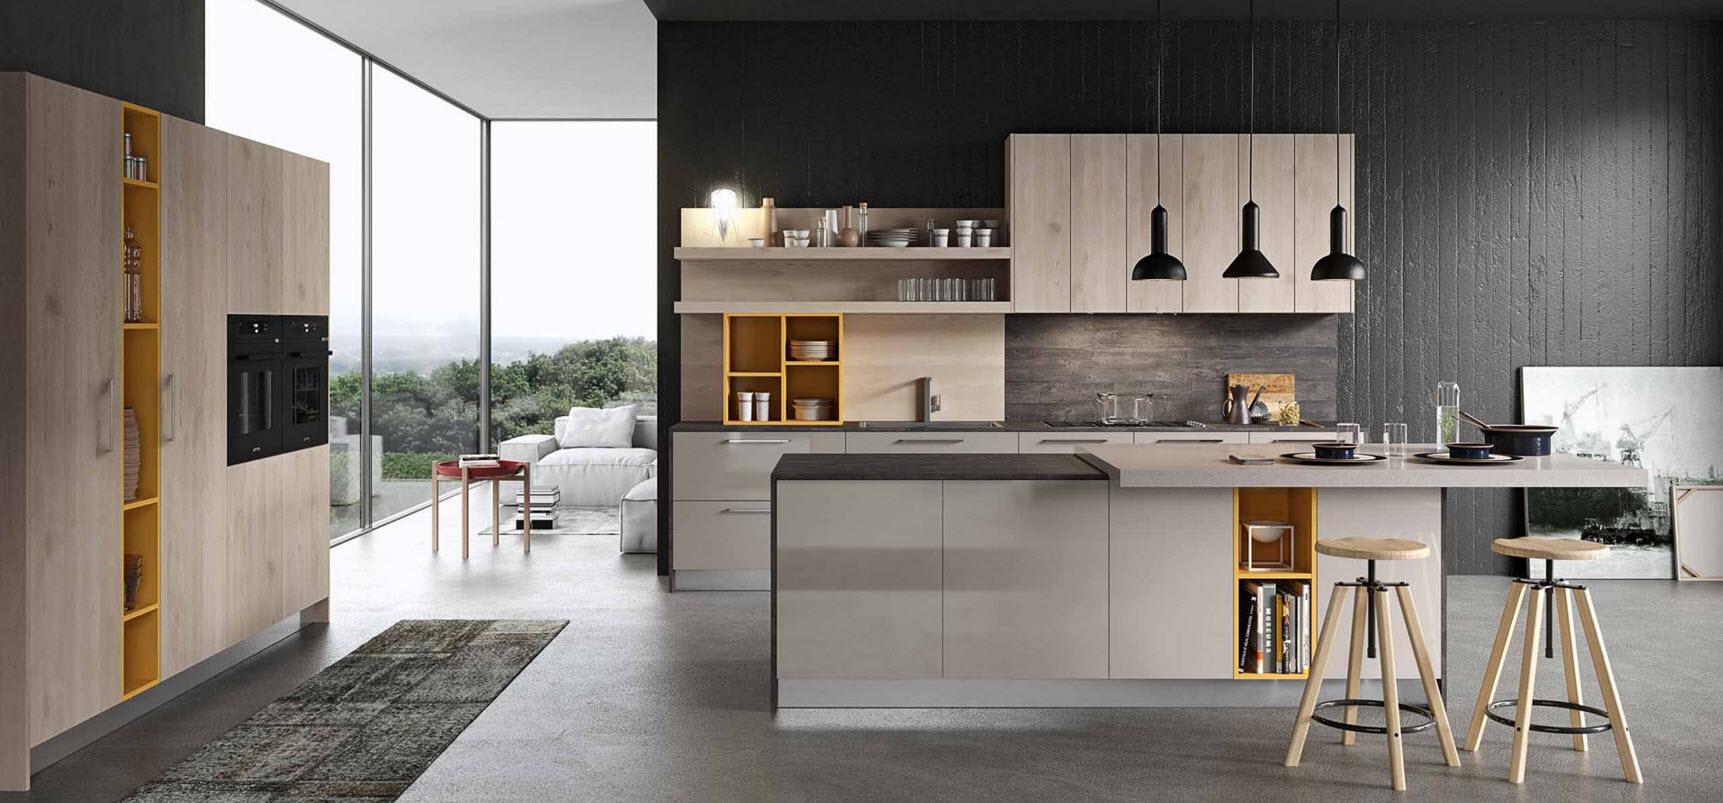 Ideas y dise o de cocinas modernas construye hogar - Cocinas practicas y modernas ...